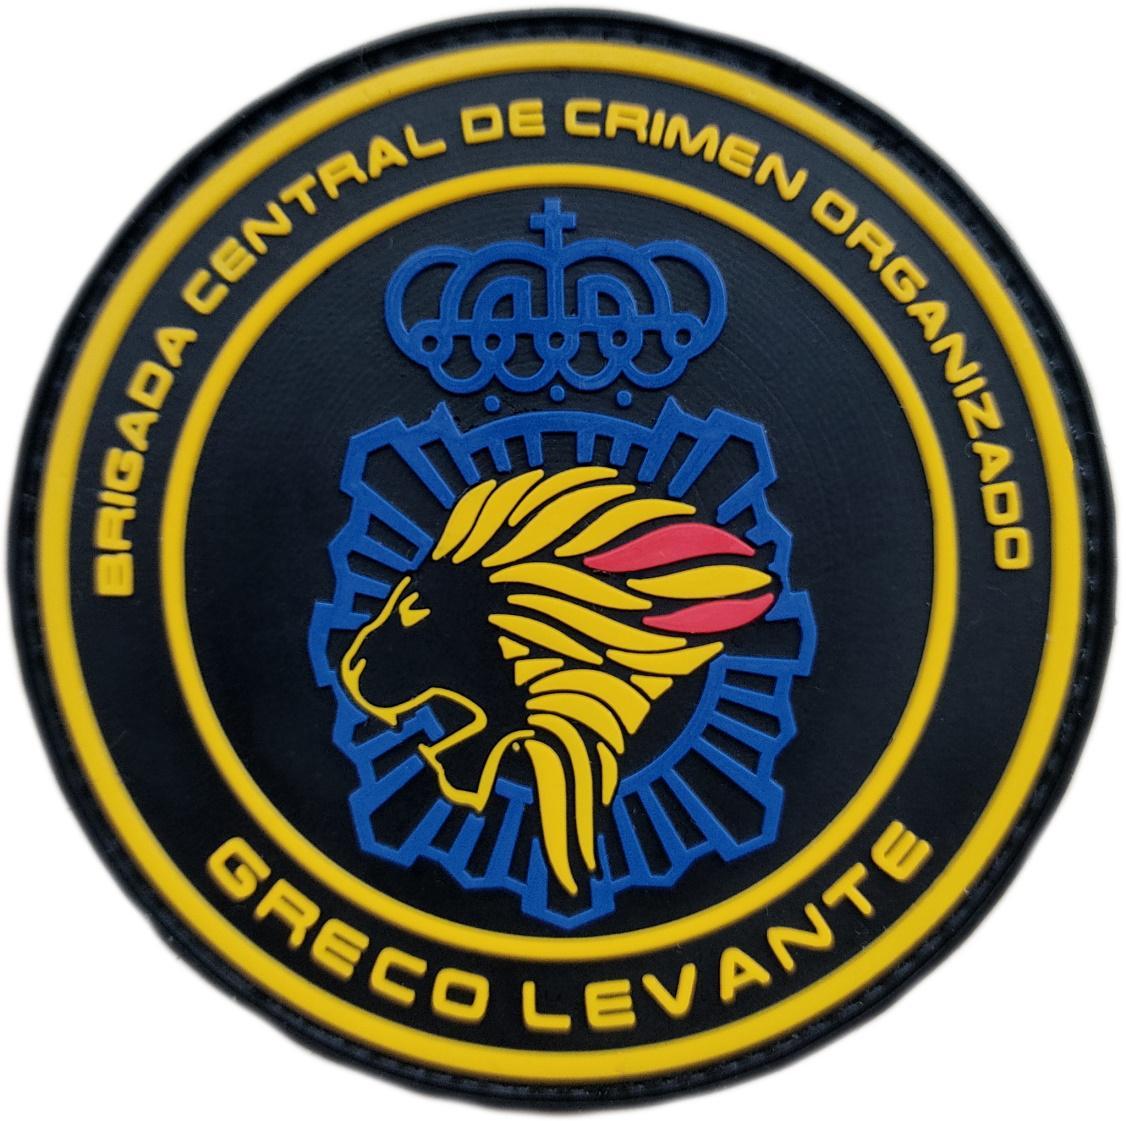 Policía nacional CNP Greco Levante brigada central crimen organizado parche insignia emblema distintivo